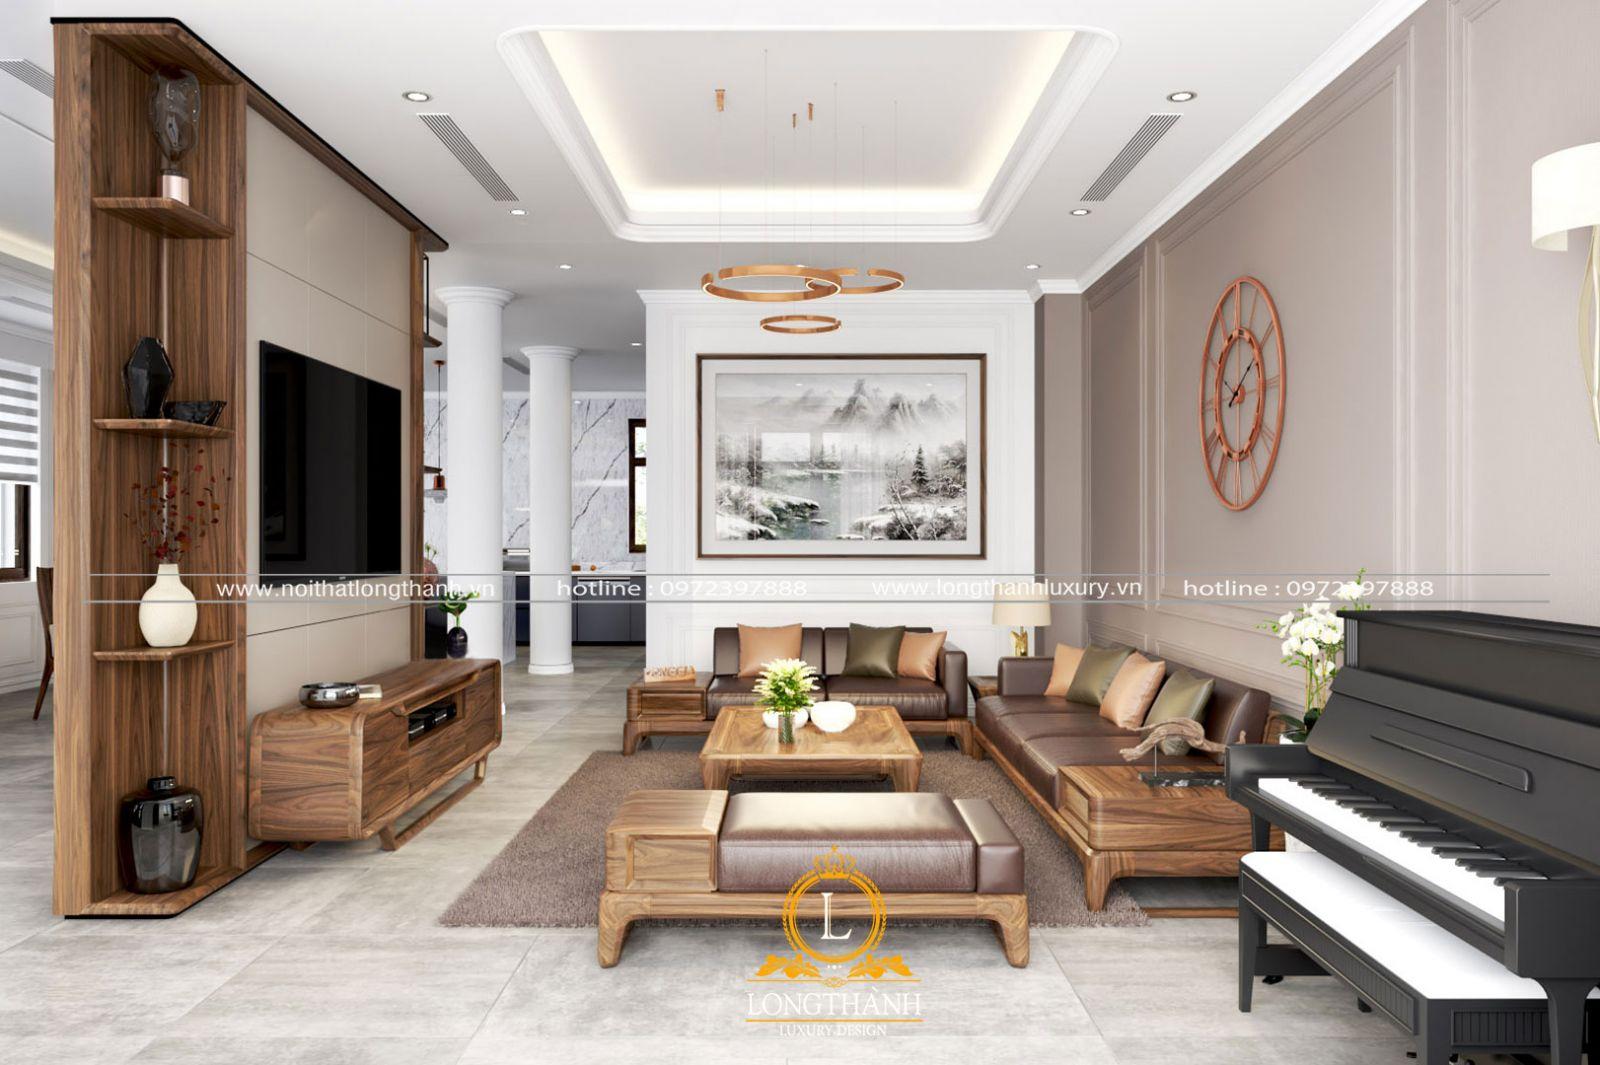 Màu sắc và ánh sáng cùng cách trang trí phòng khách cần phù hợp với phong cách của gia chủ